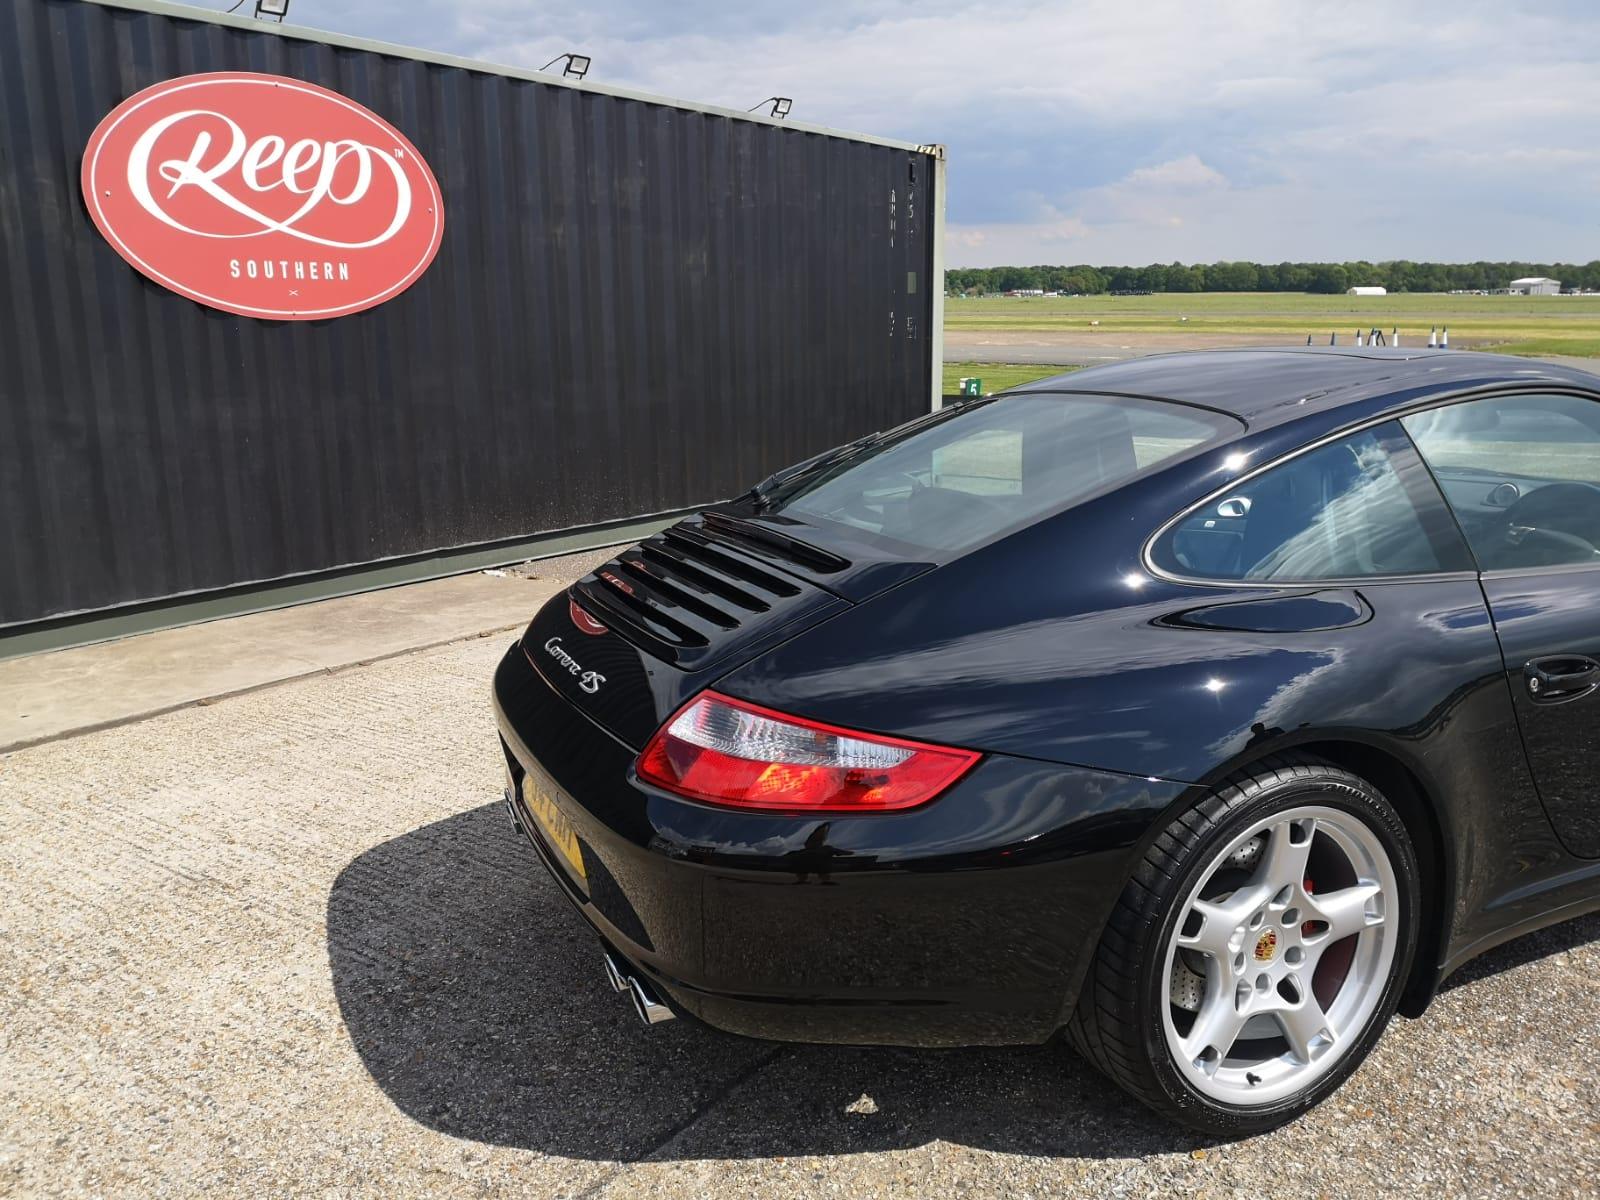 Porsche Carrera Alloys